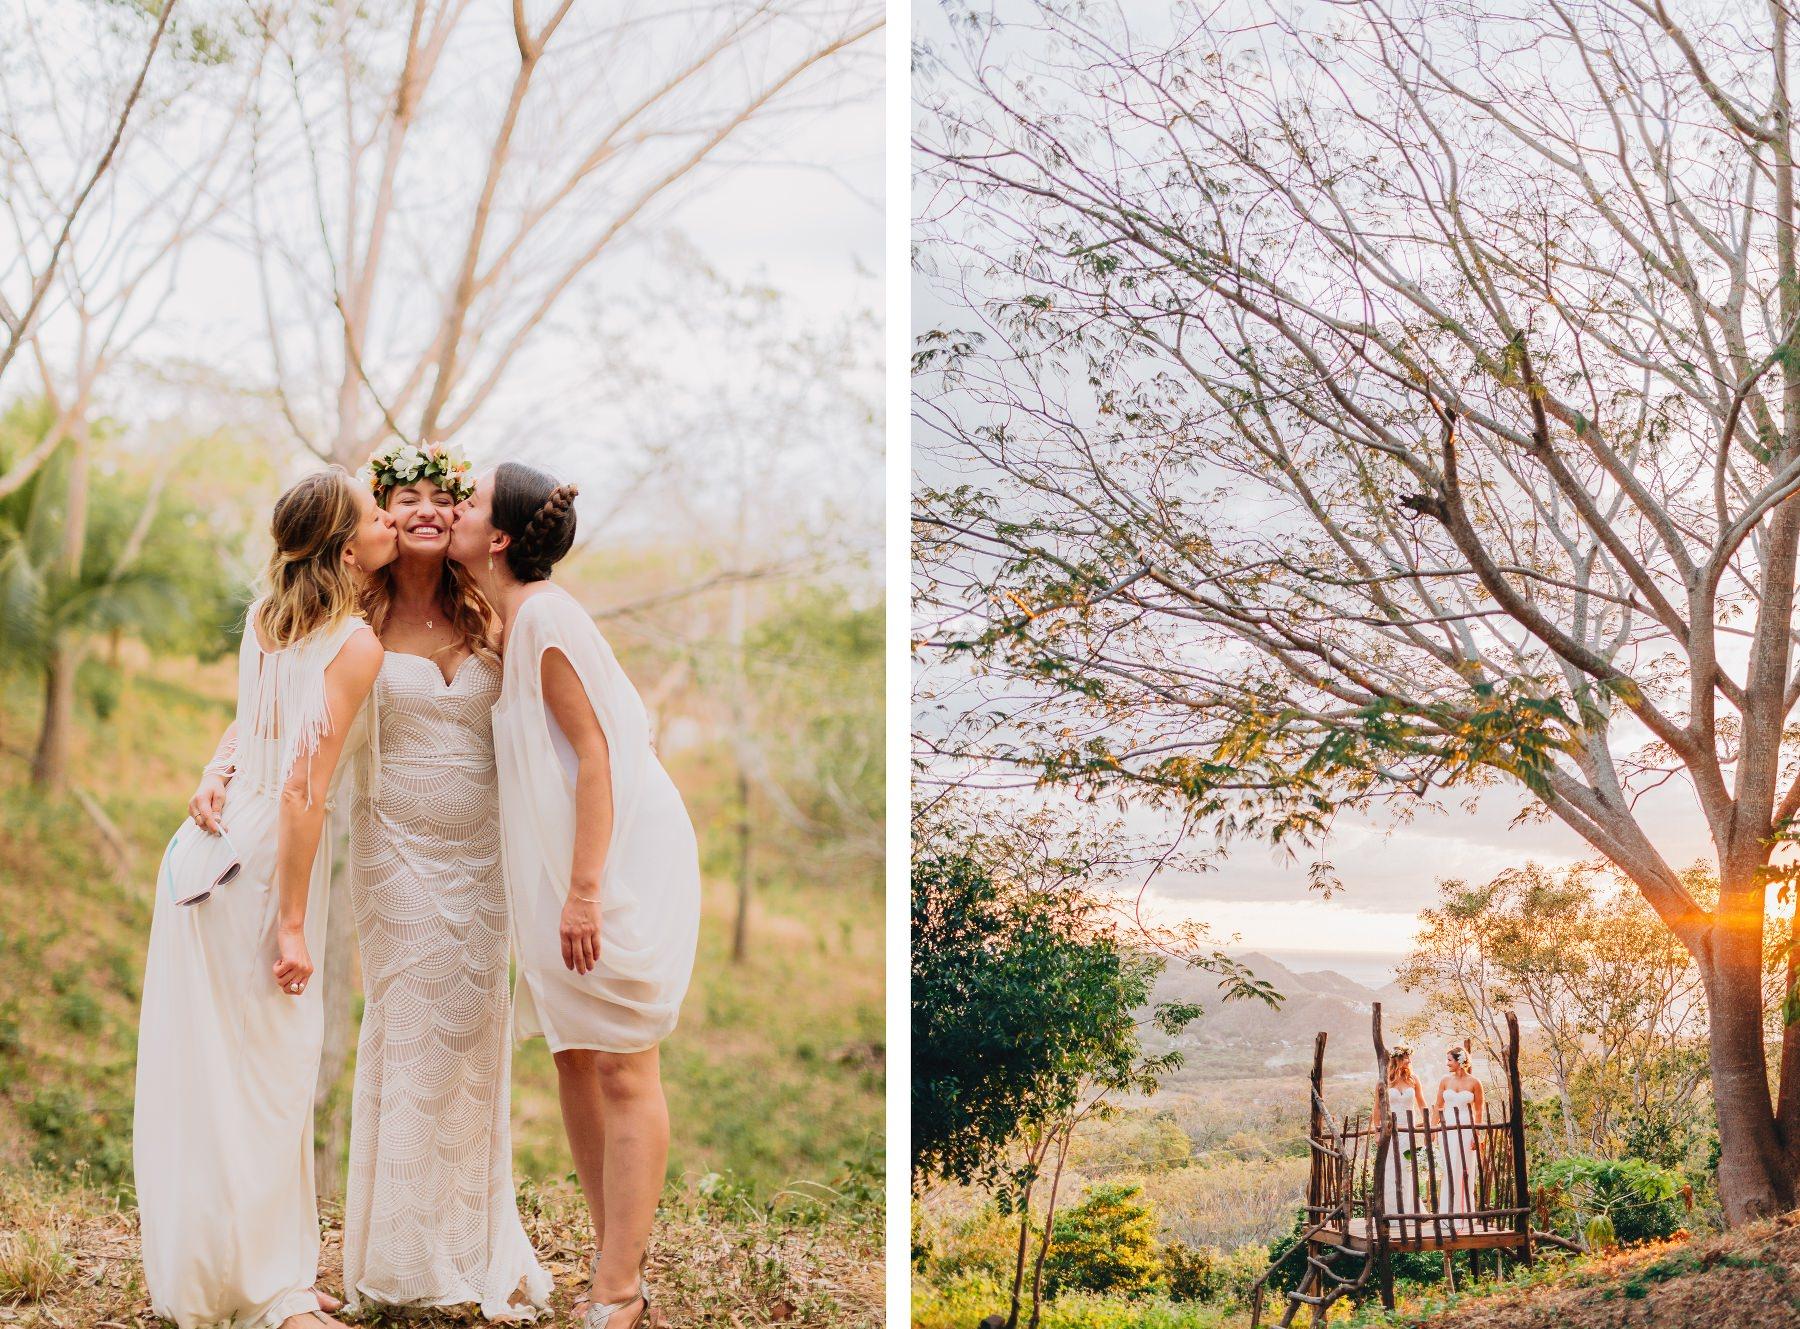 Family bride photos - boho style destination wedding photography Costa Rica